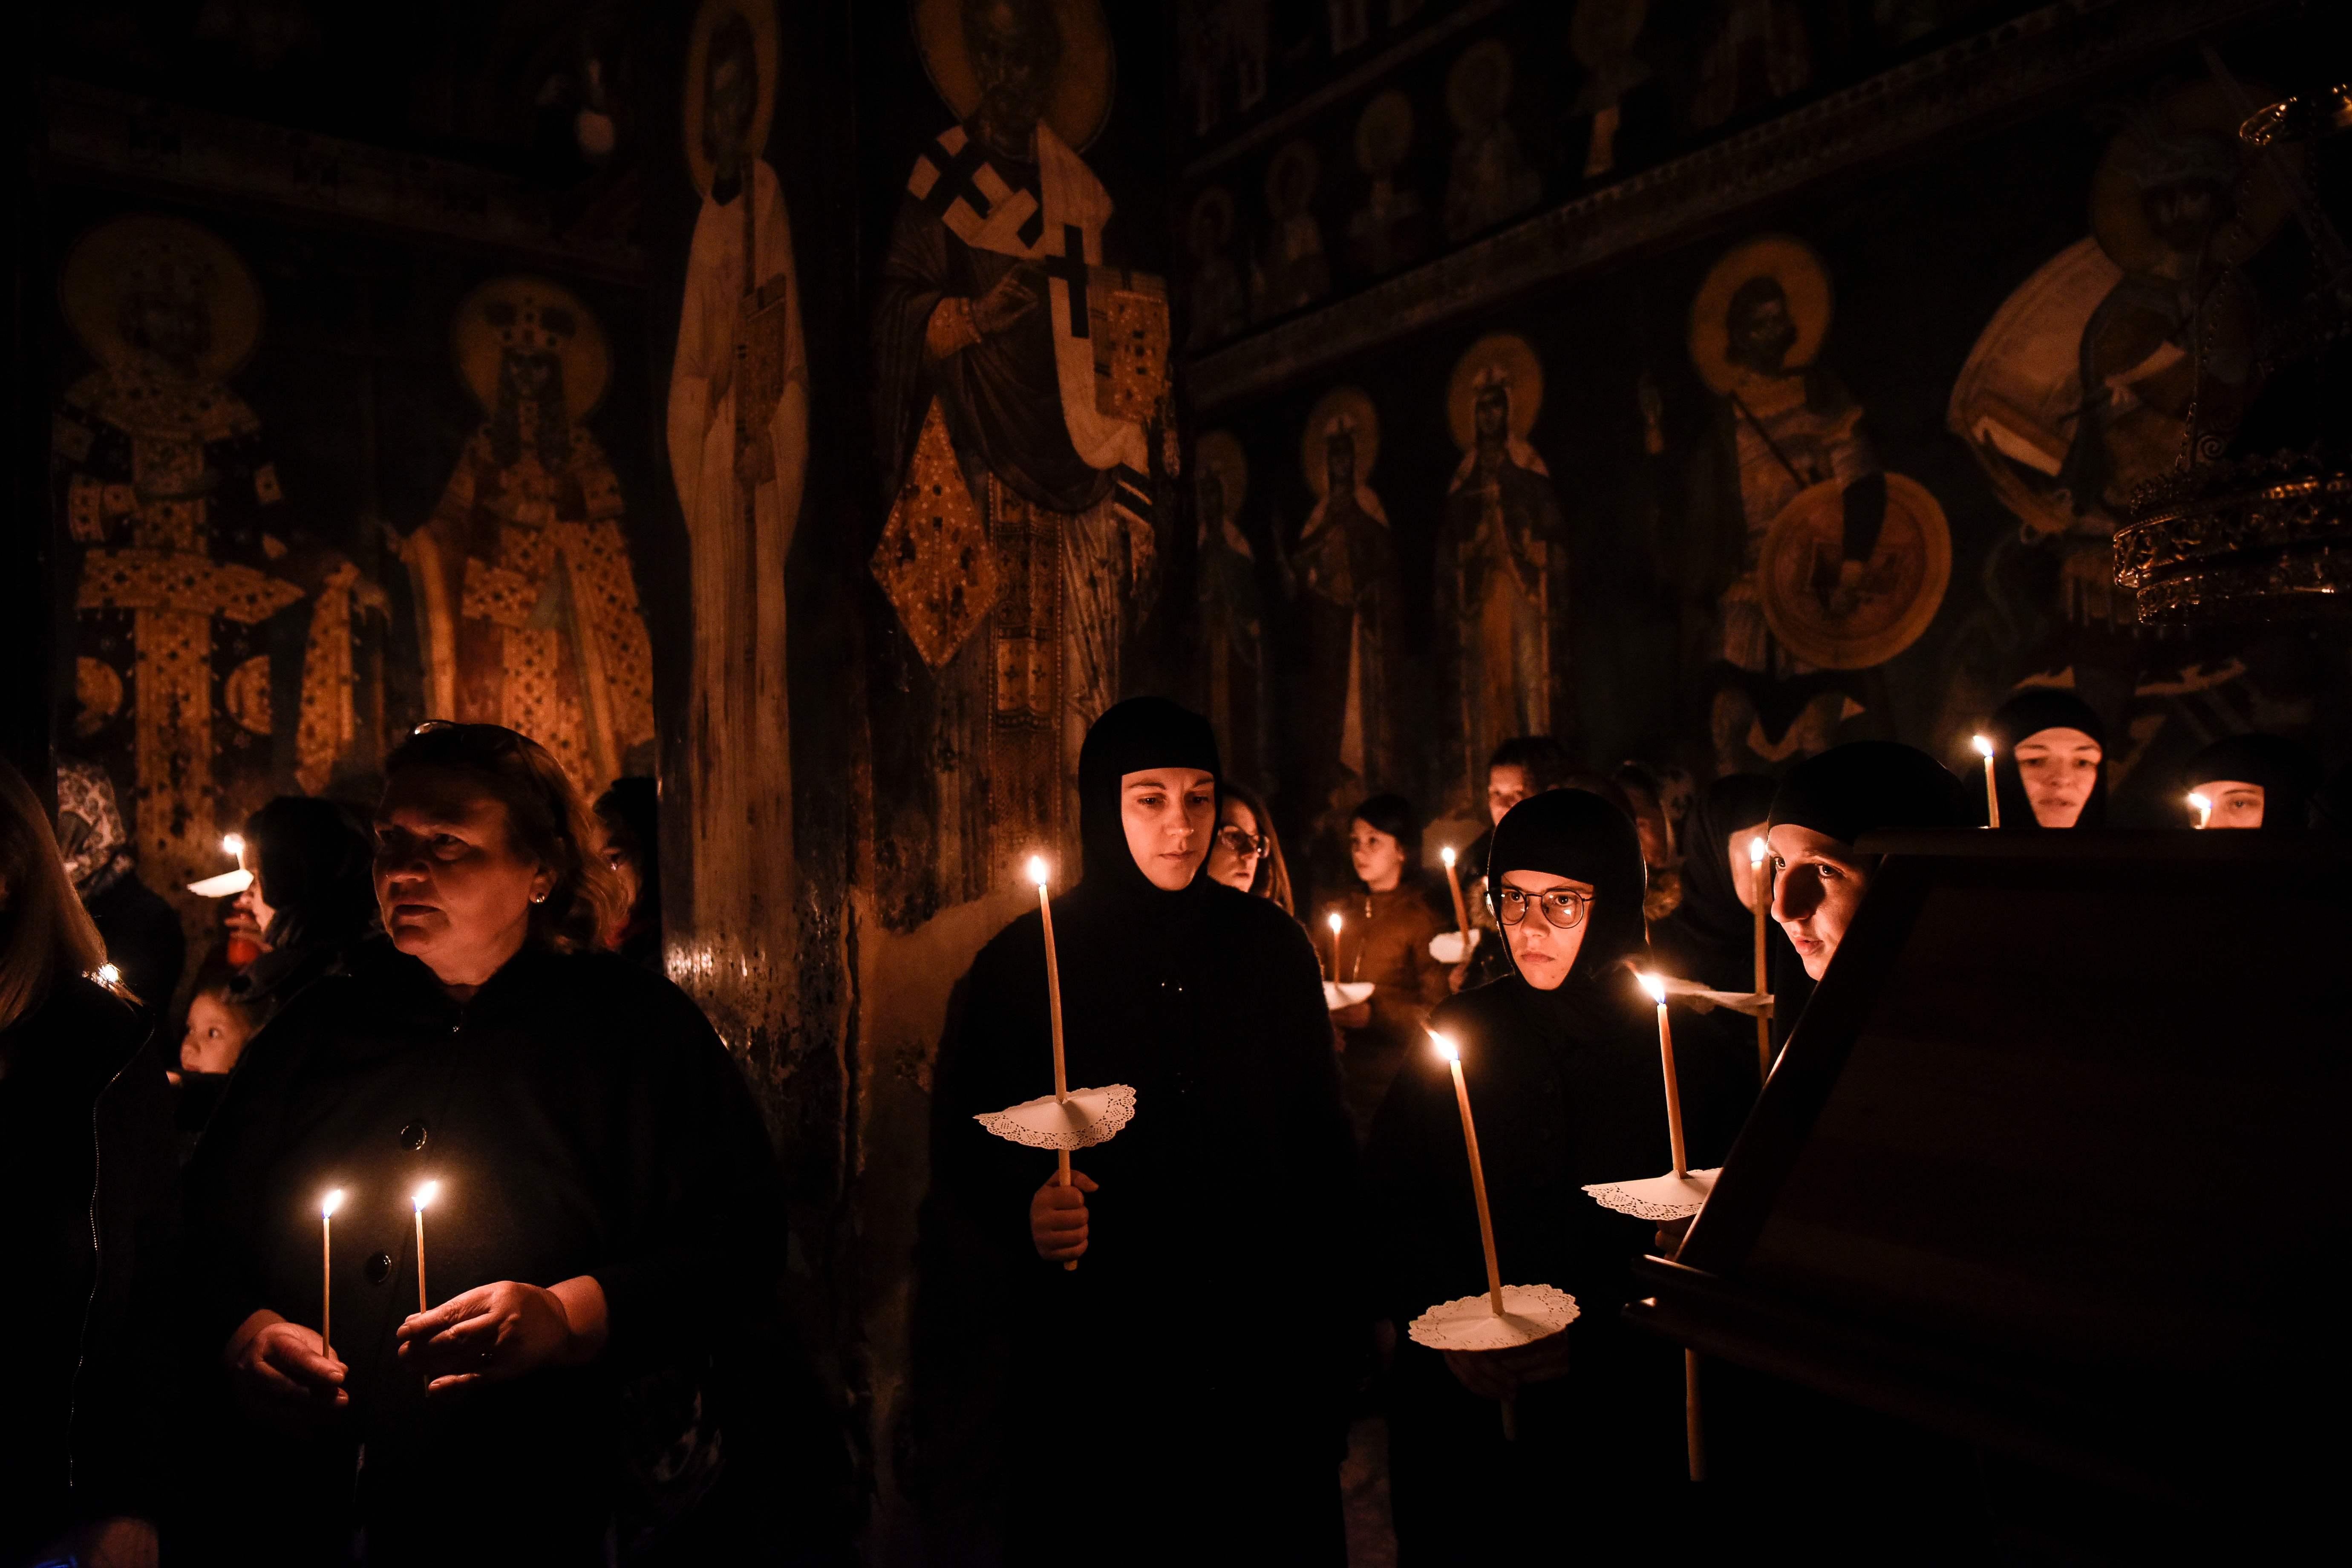 جانب من مراسم عيد القداس فى كوسوفو